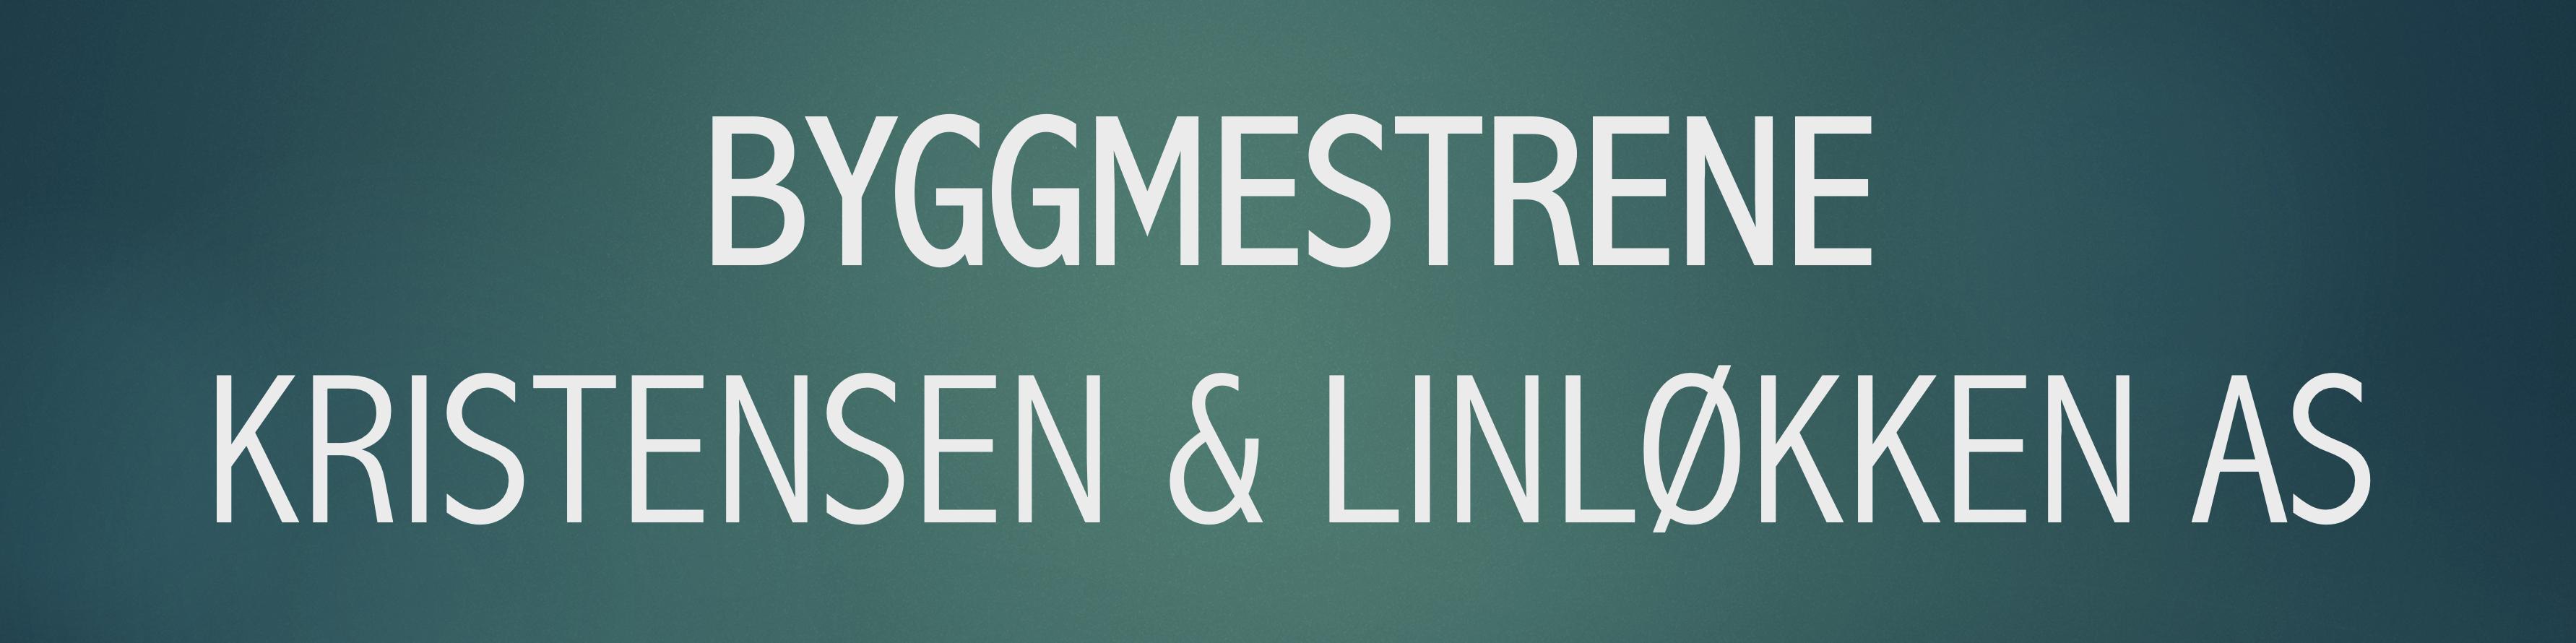 Byggmestrene Kristensen & Linløkken AS logo